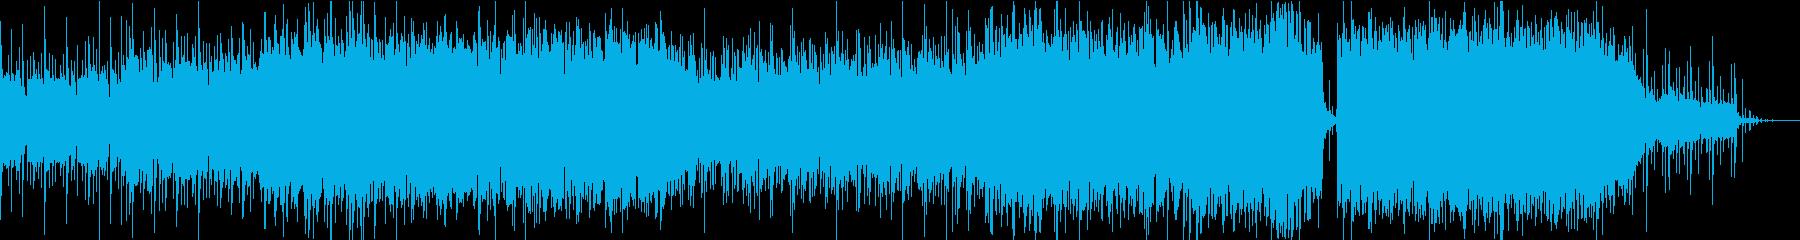 ディストピア感未来感あるBGMの再生済みの波形